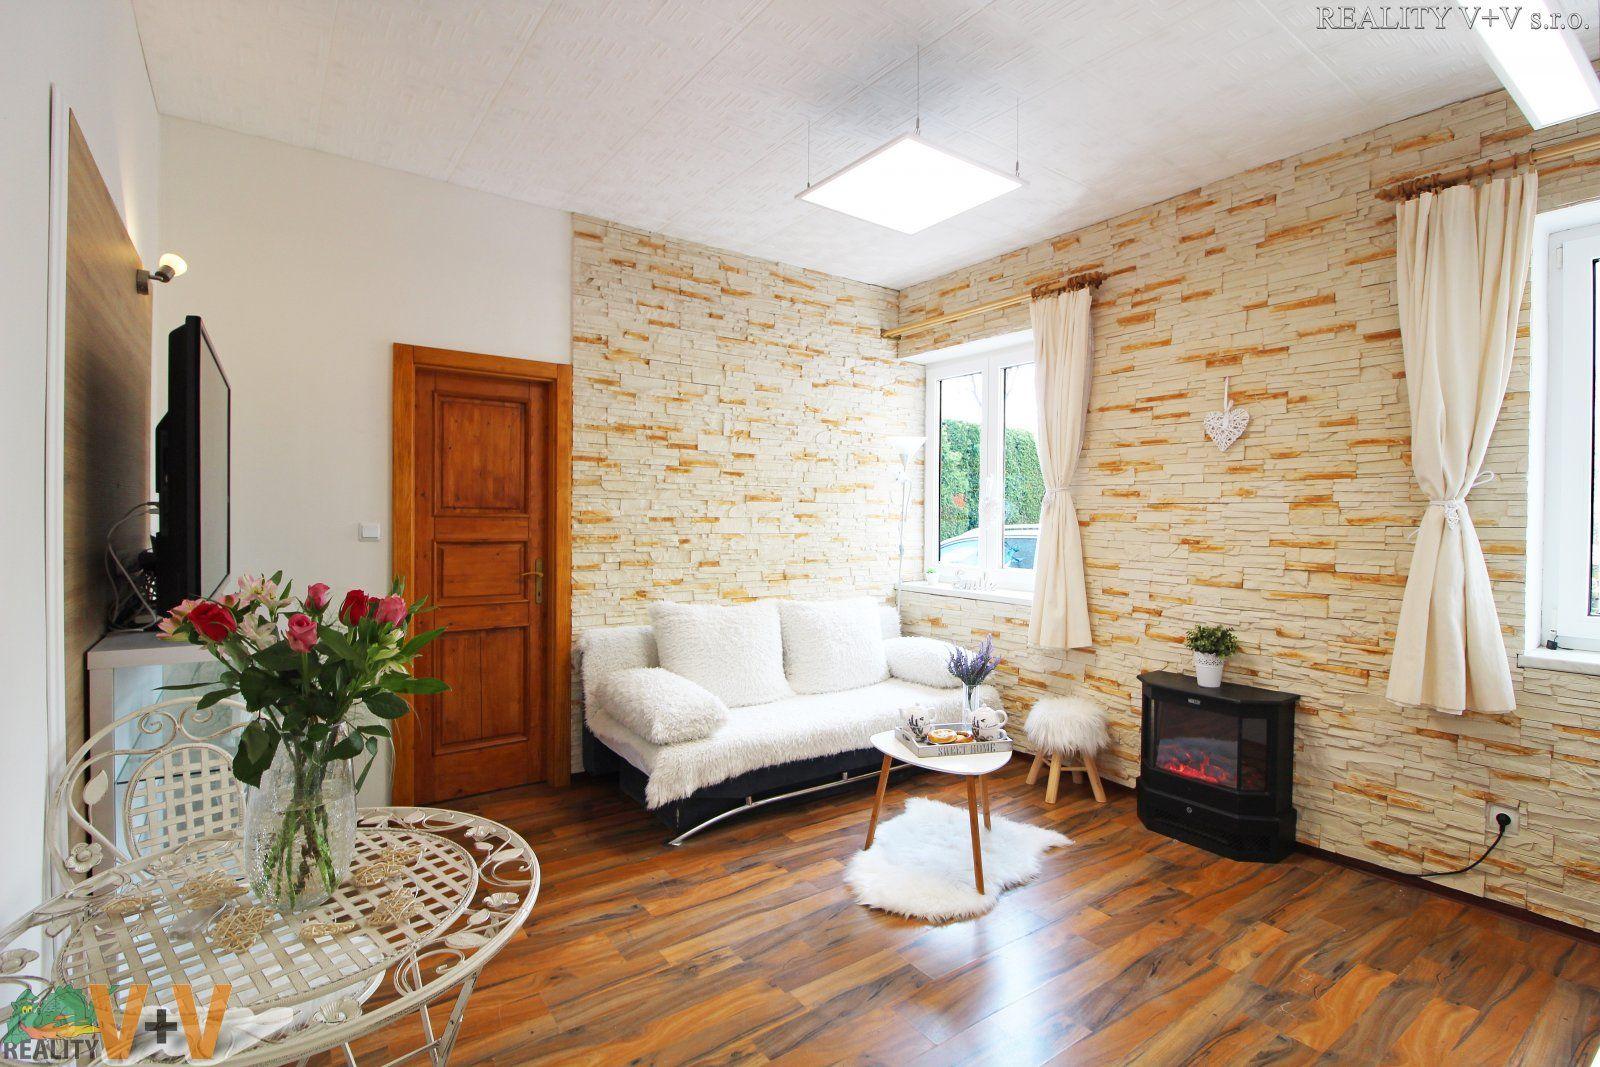 Krásný byt po rekonstrukci, vhodný i jako apartmán - Prodej bytu 2+kk, České Budějovice, Hlinsko